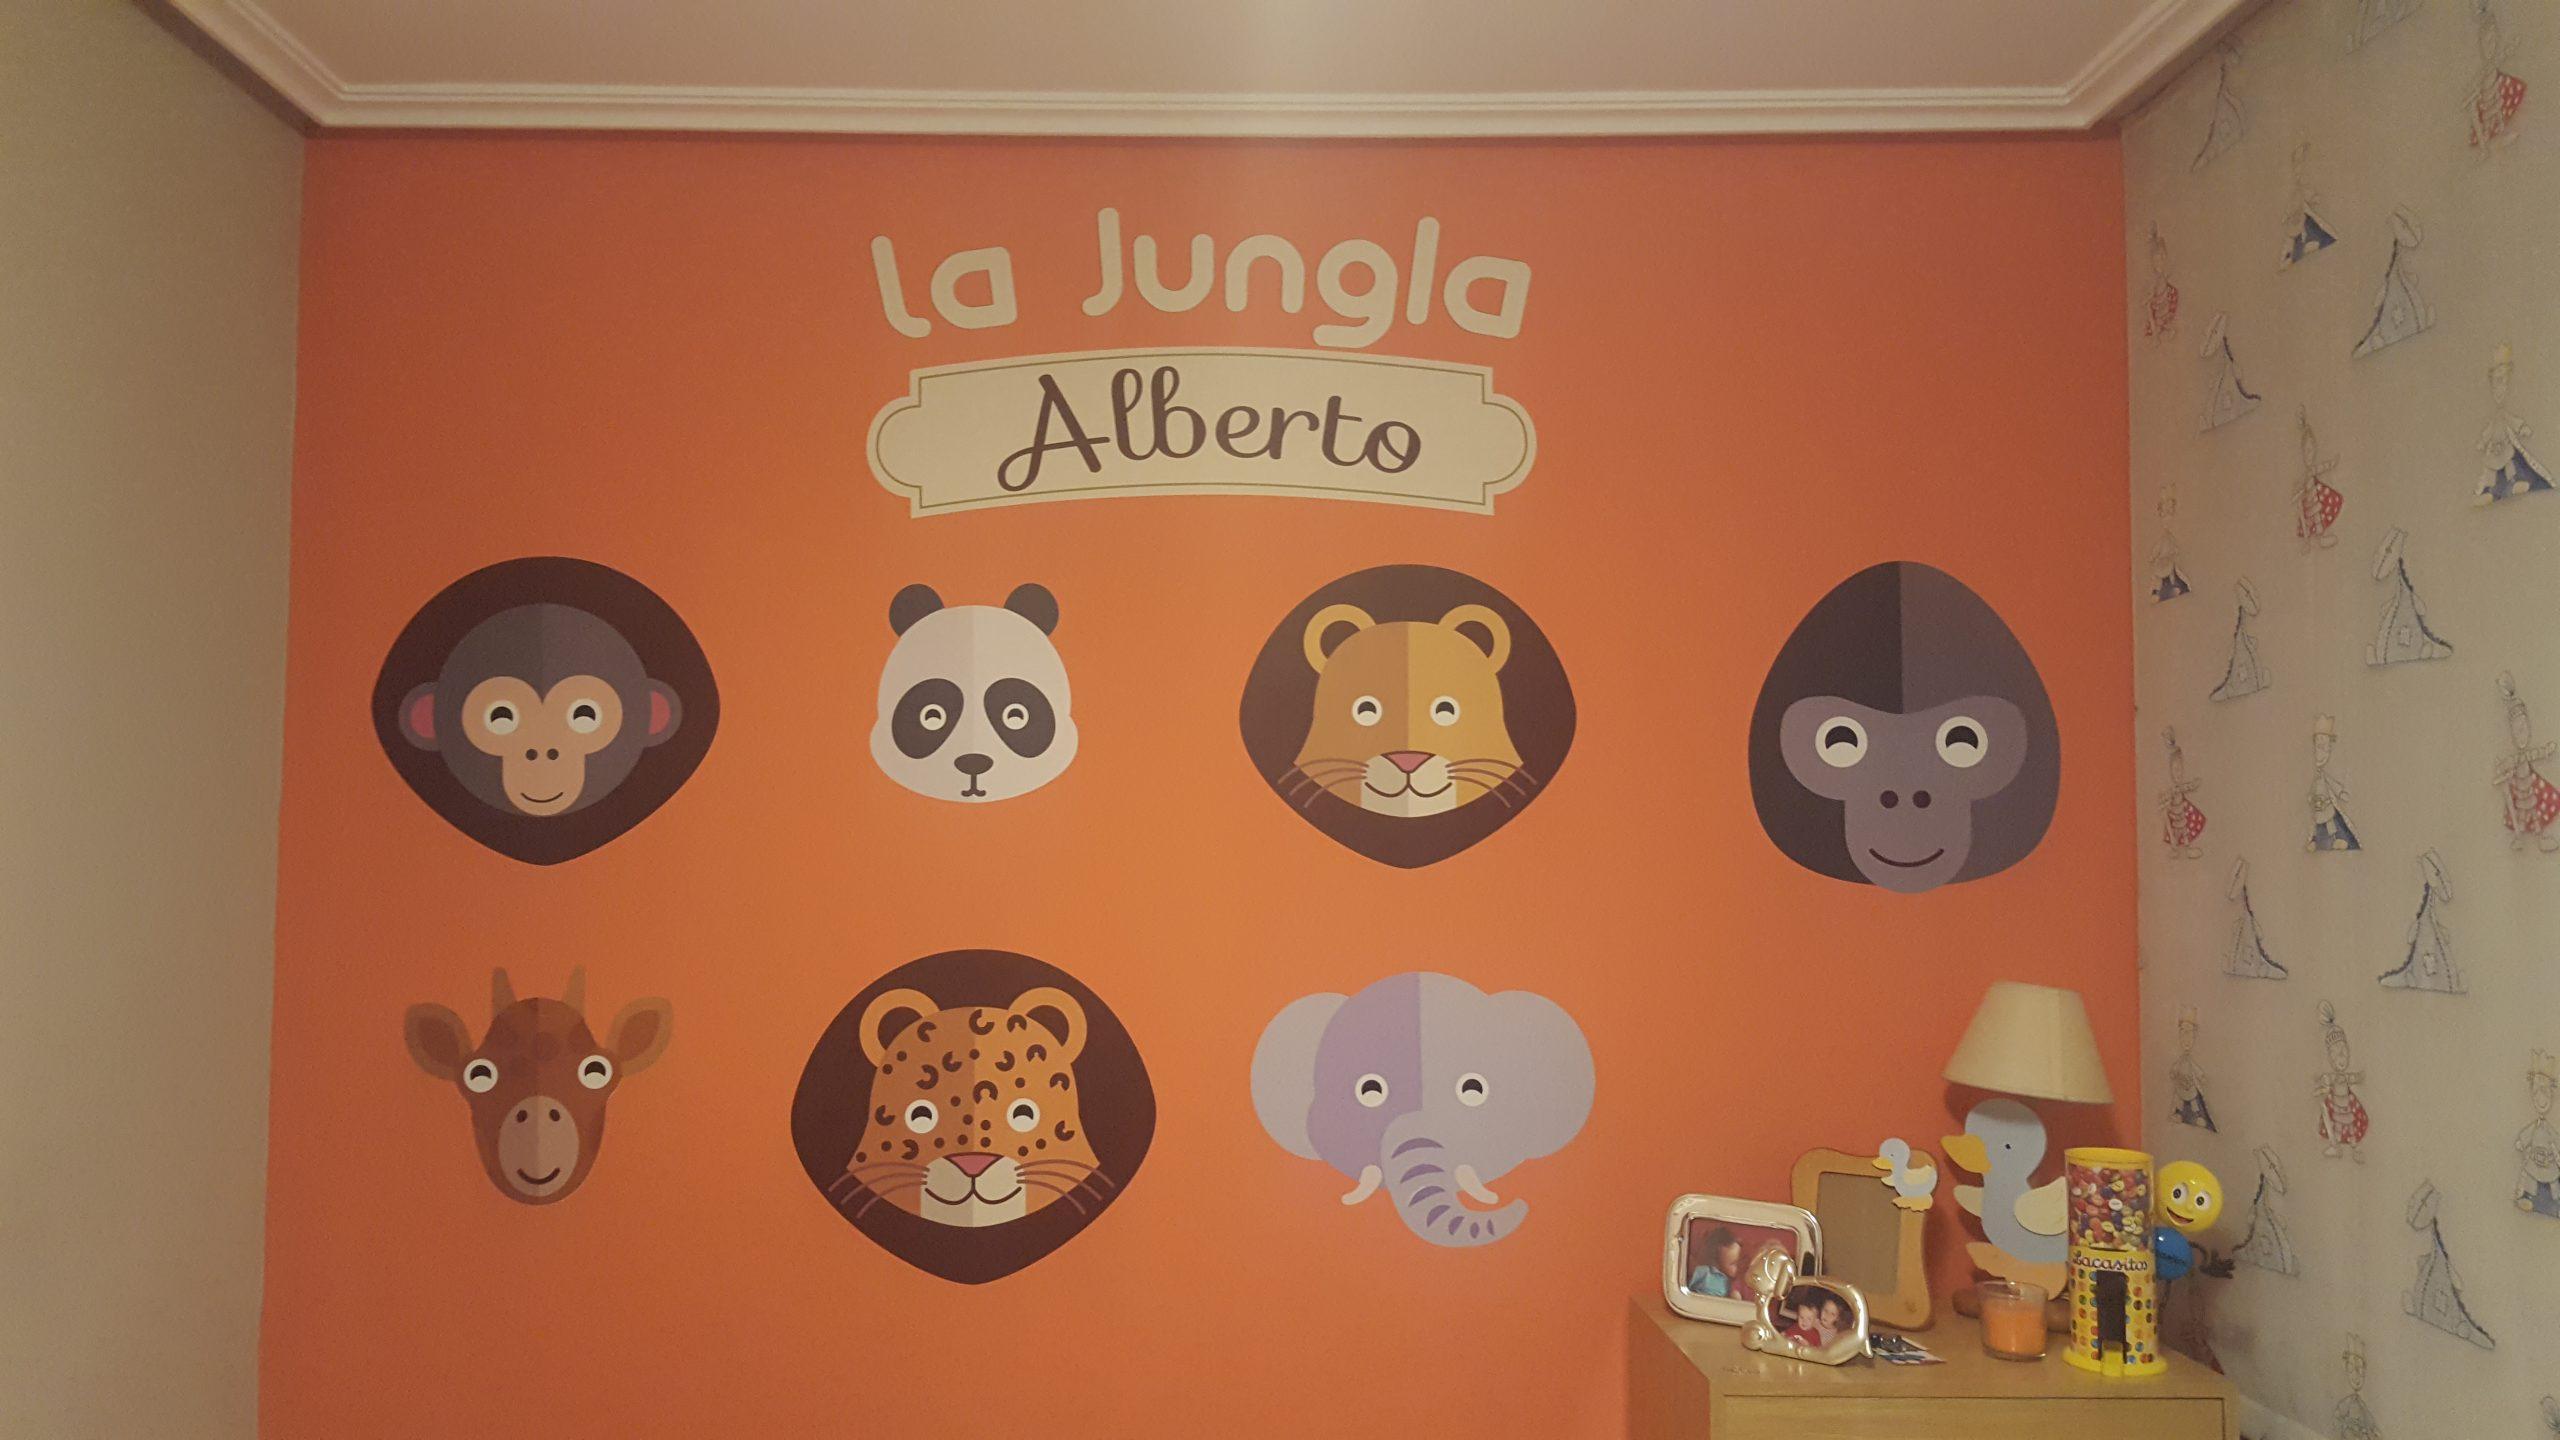 jumgla de Alberto